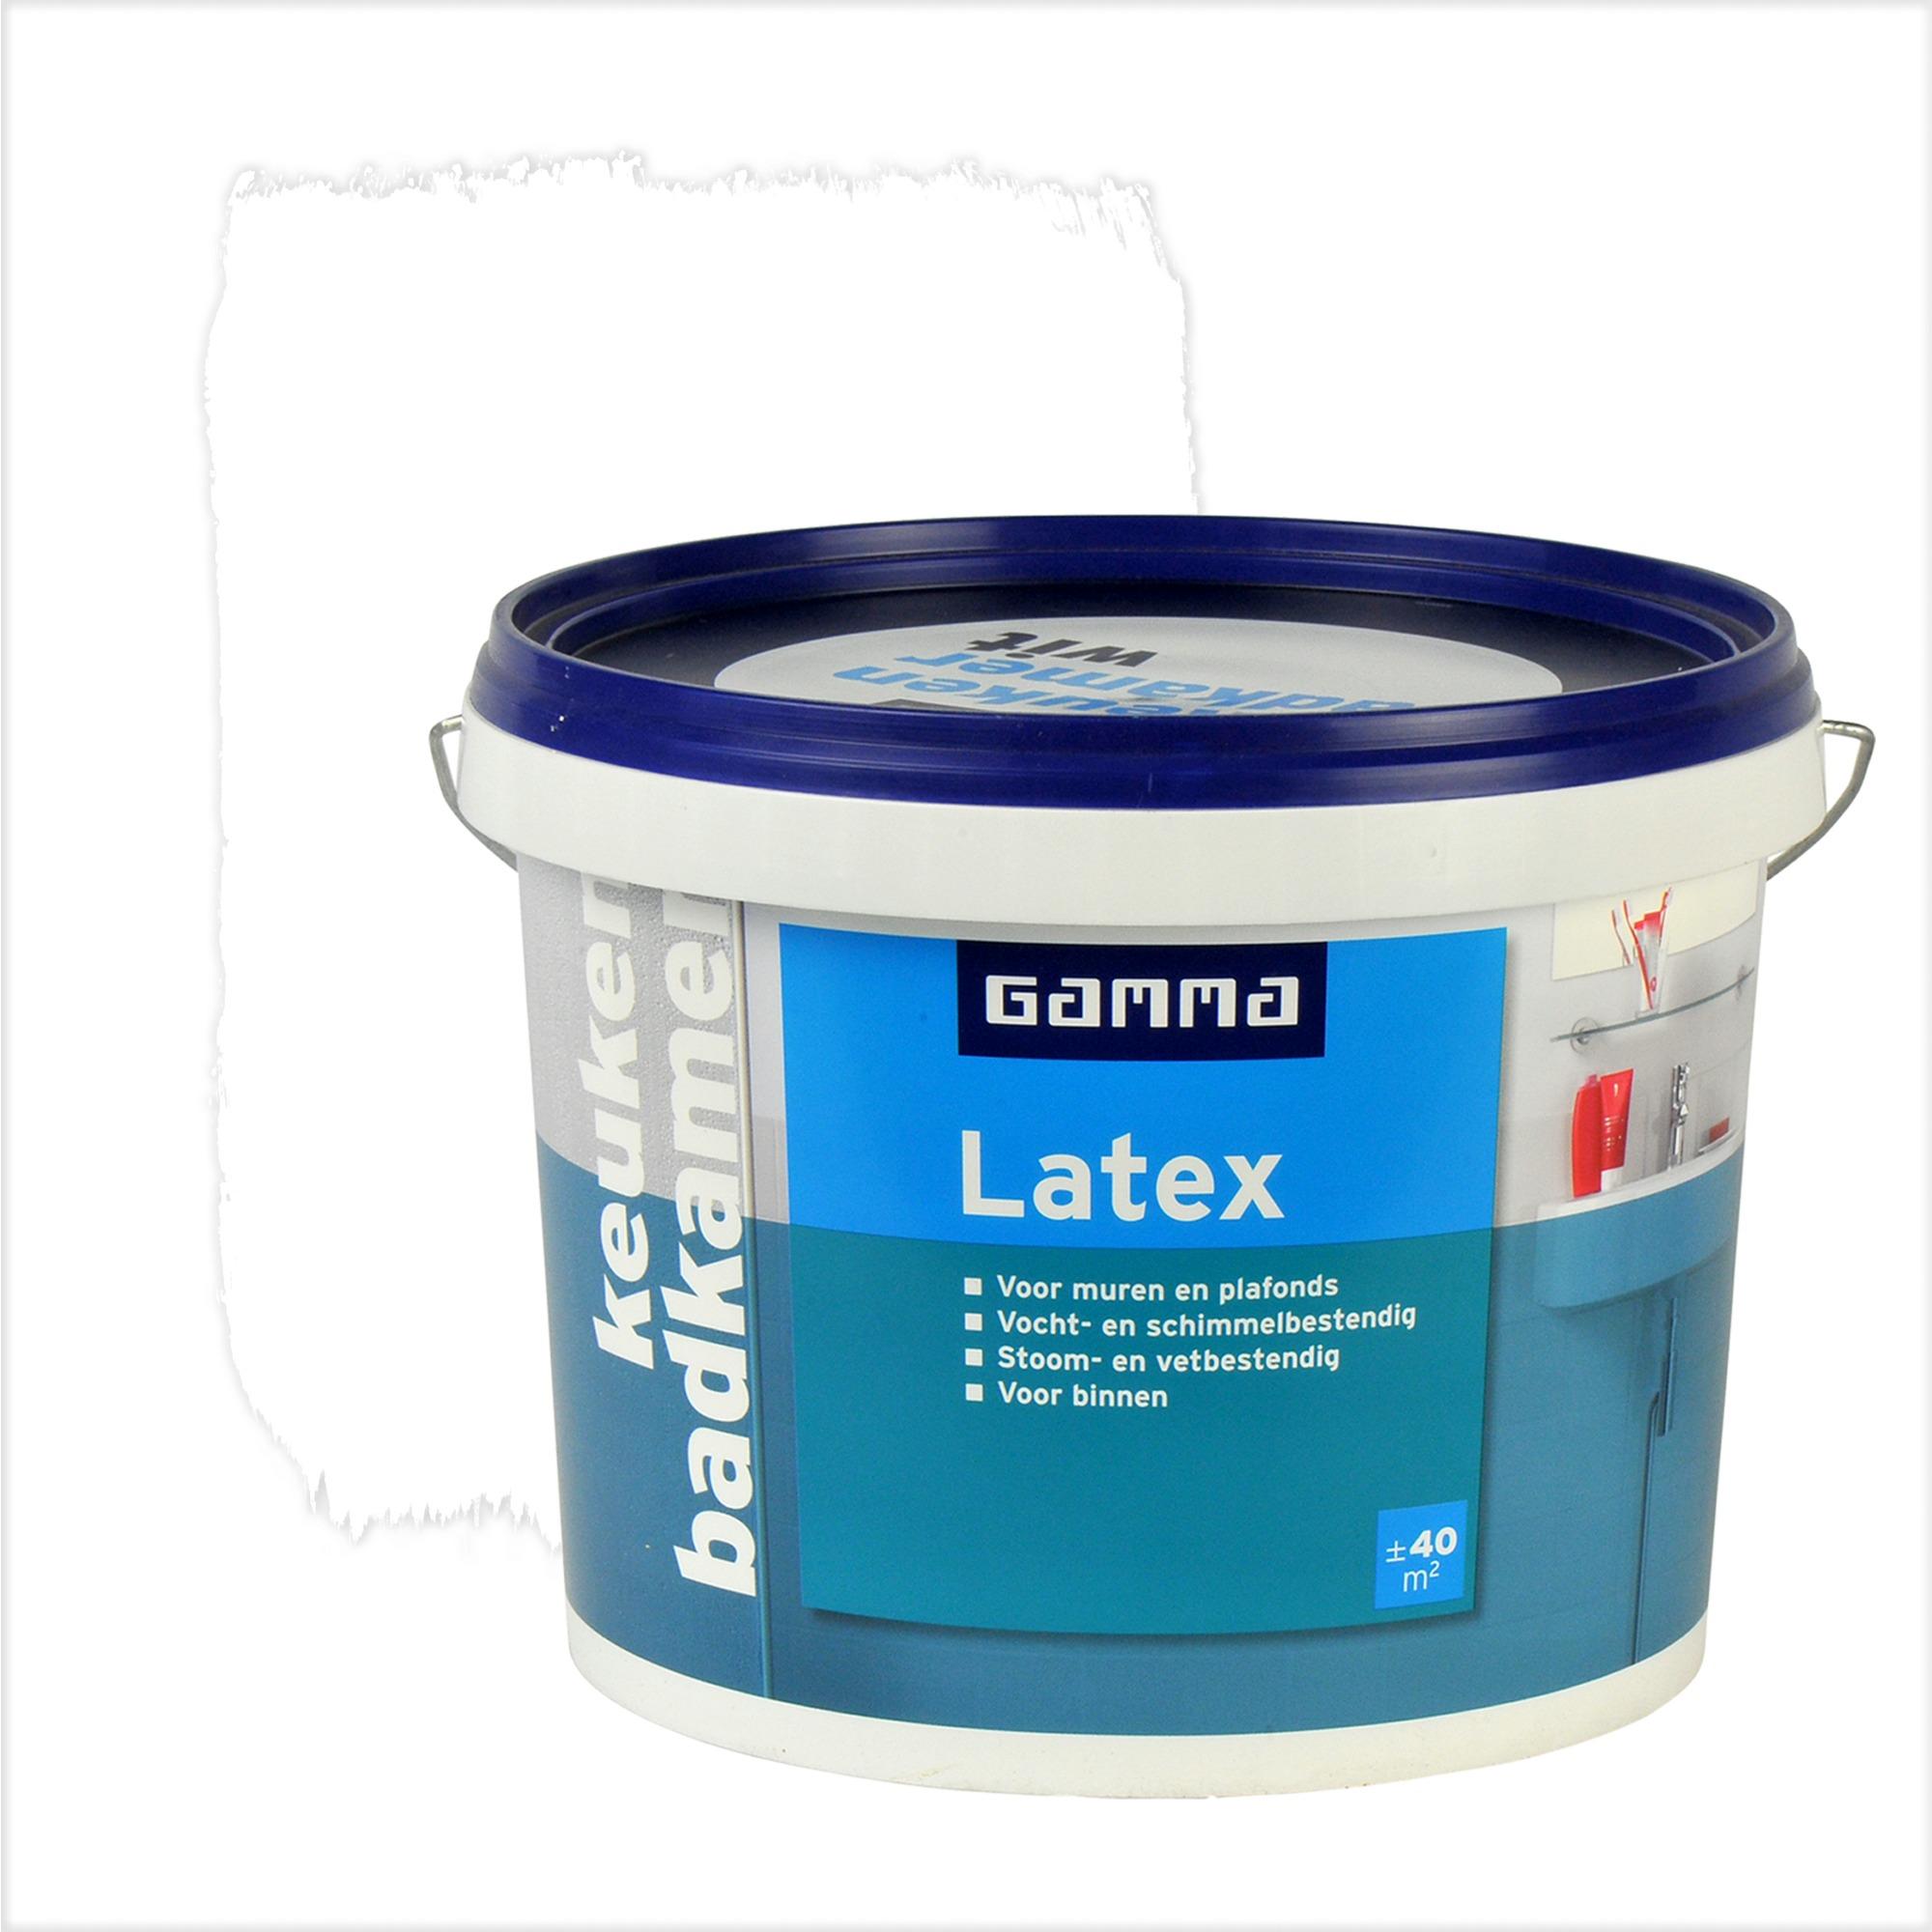 gamma latex badkamer en keuken wit 5 liter | muurverf wit (latex, Badkamer